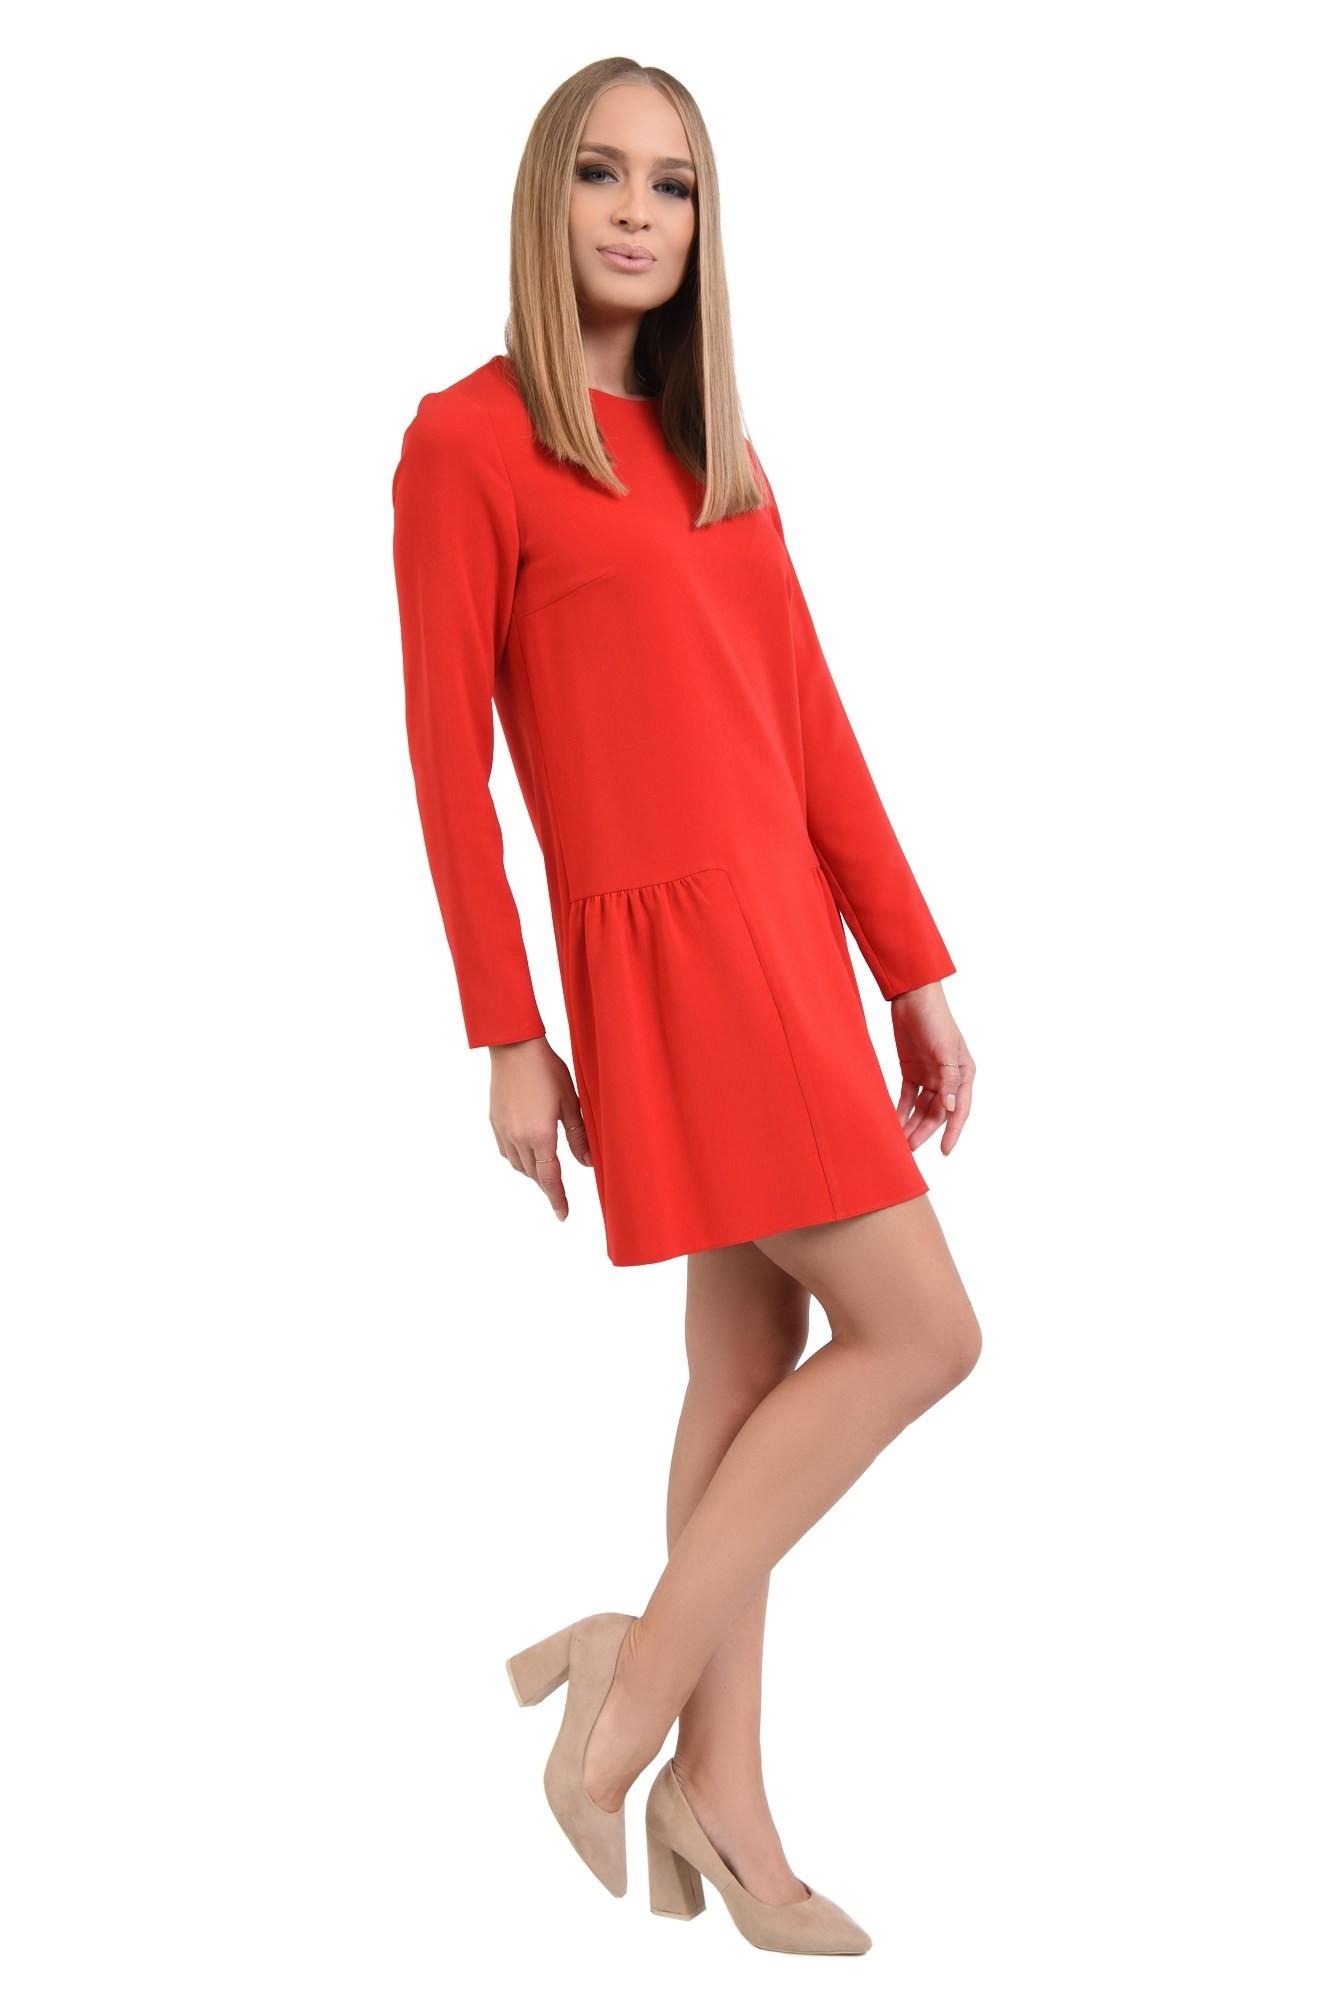 rochie casual, mini, rosu, maneci lungi, decolteu rotund, pliuri